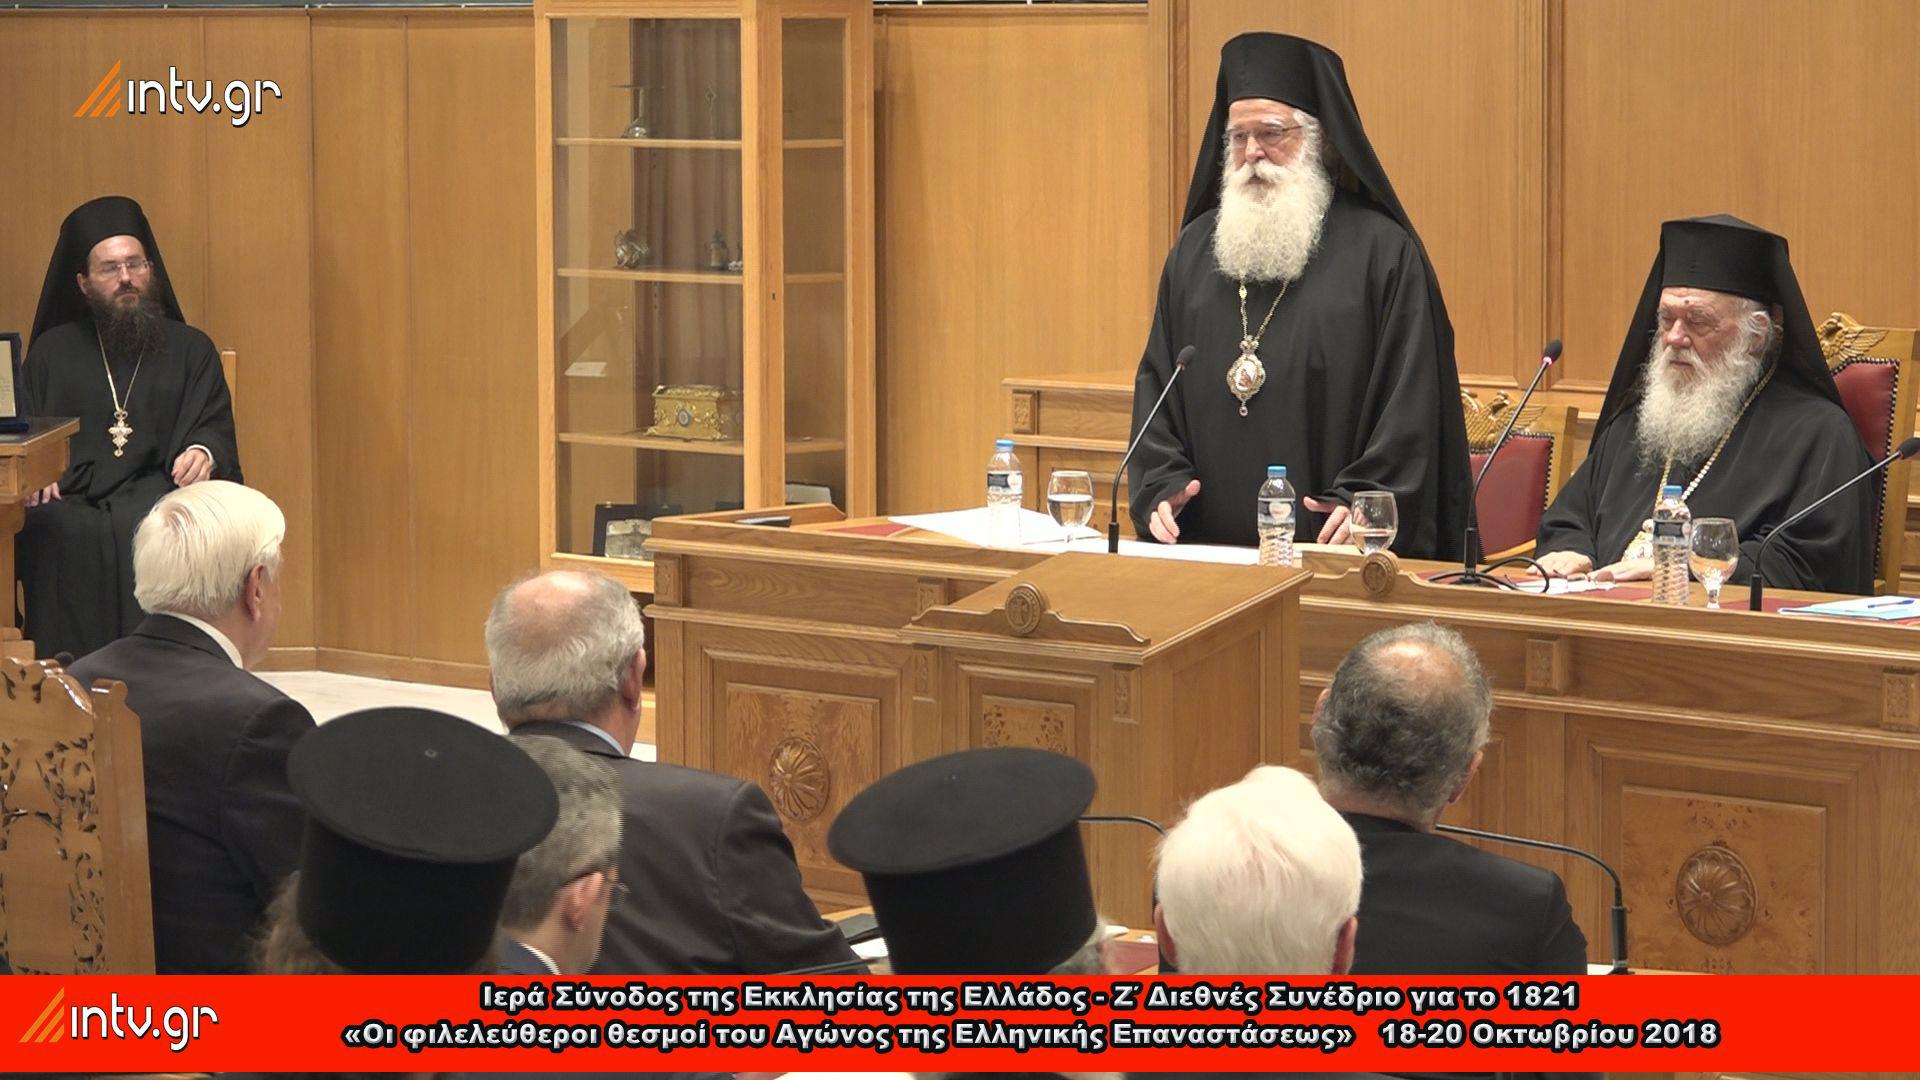 Ιερά Σύνοδος της Εκκλησίας της Ελλάδος - Ζ' Διεθνές Επιστημονικό Συνέδριο με θέμα:  «Οι φιλελεύθεροι θεσμοί του Αγώνος της Ελληνικής Επαναστάσεως»